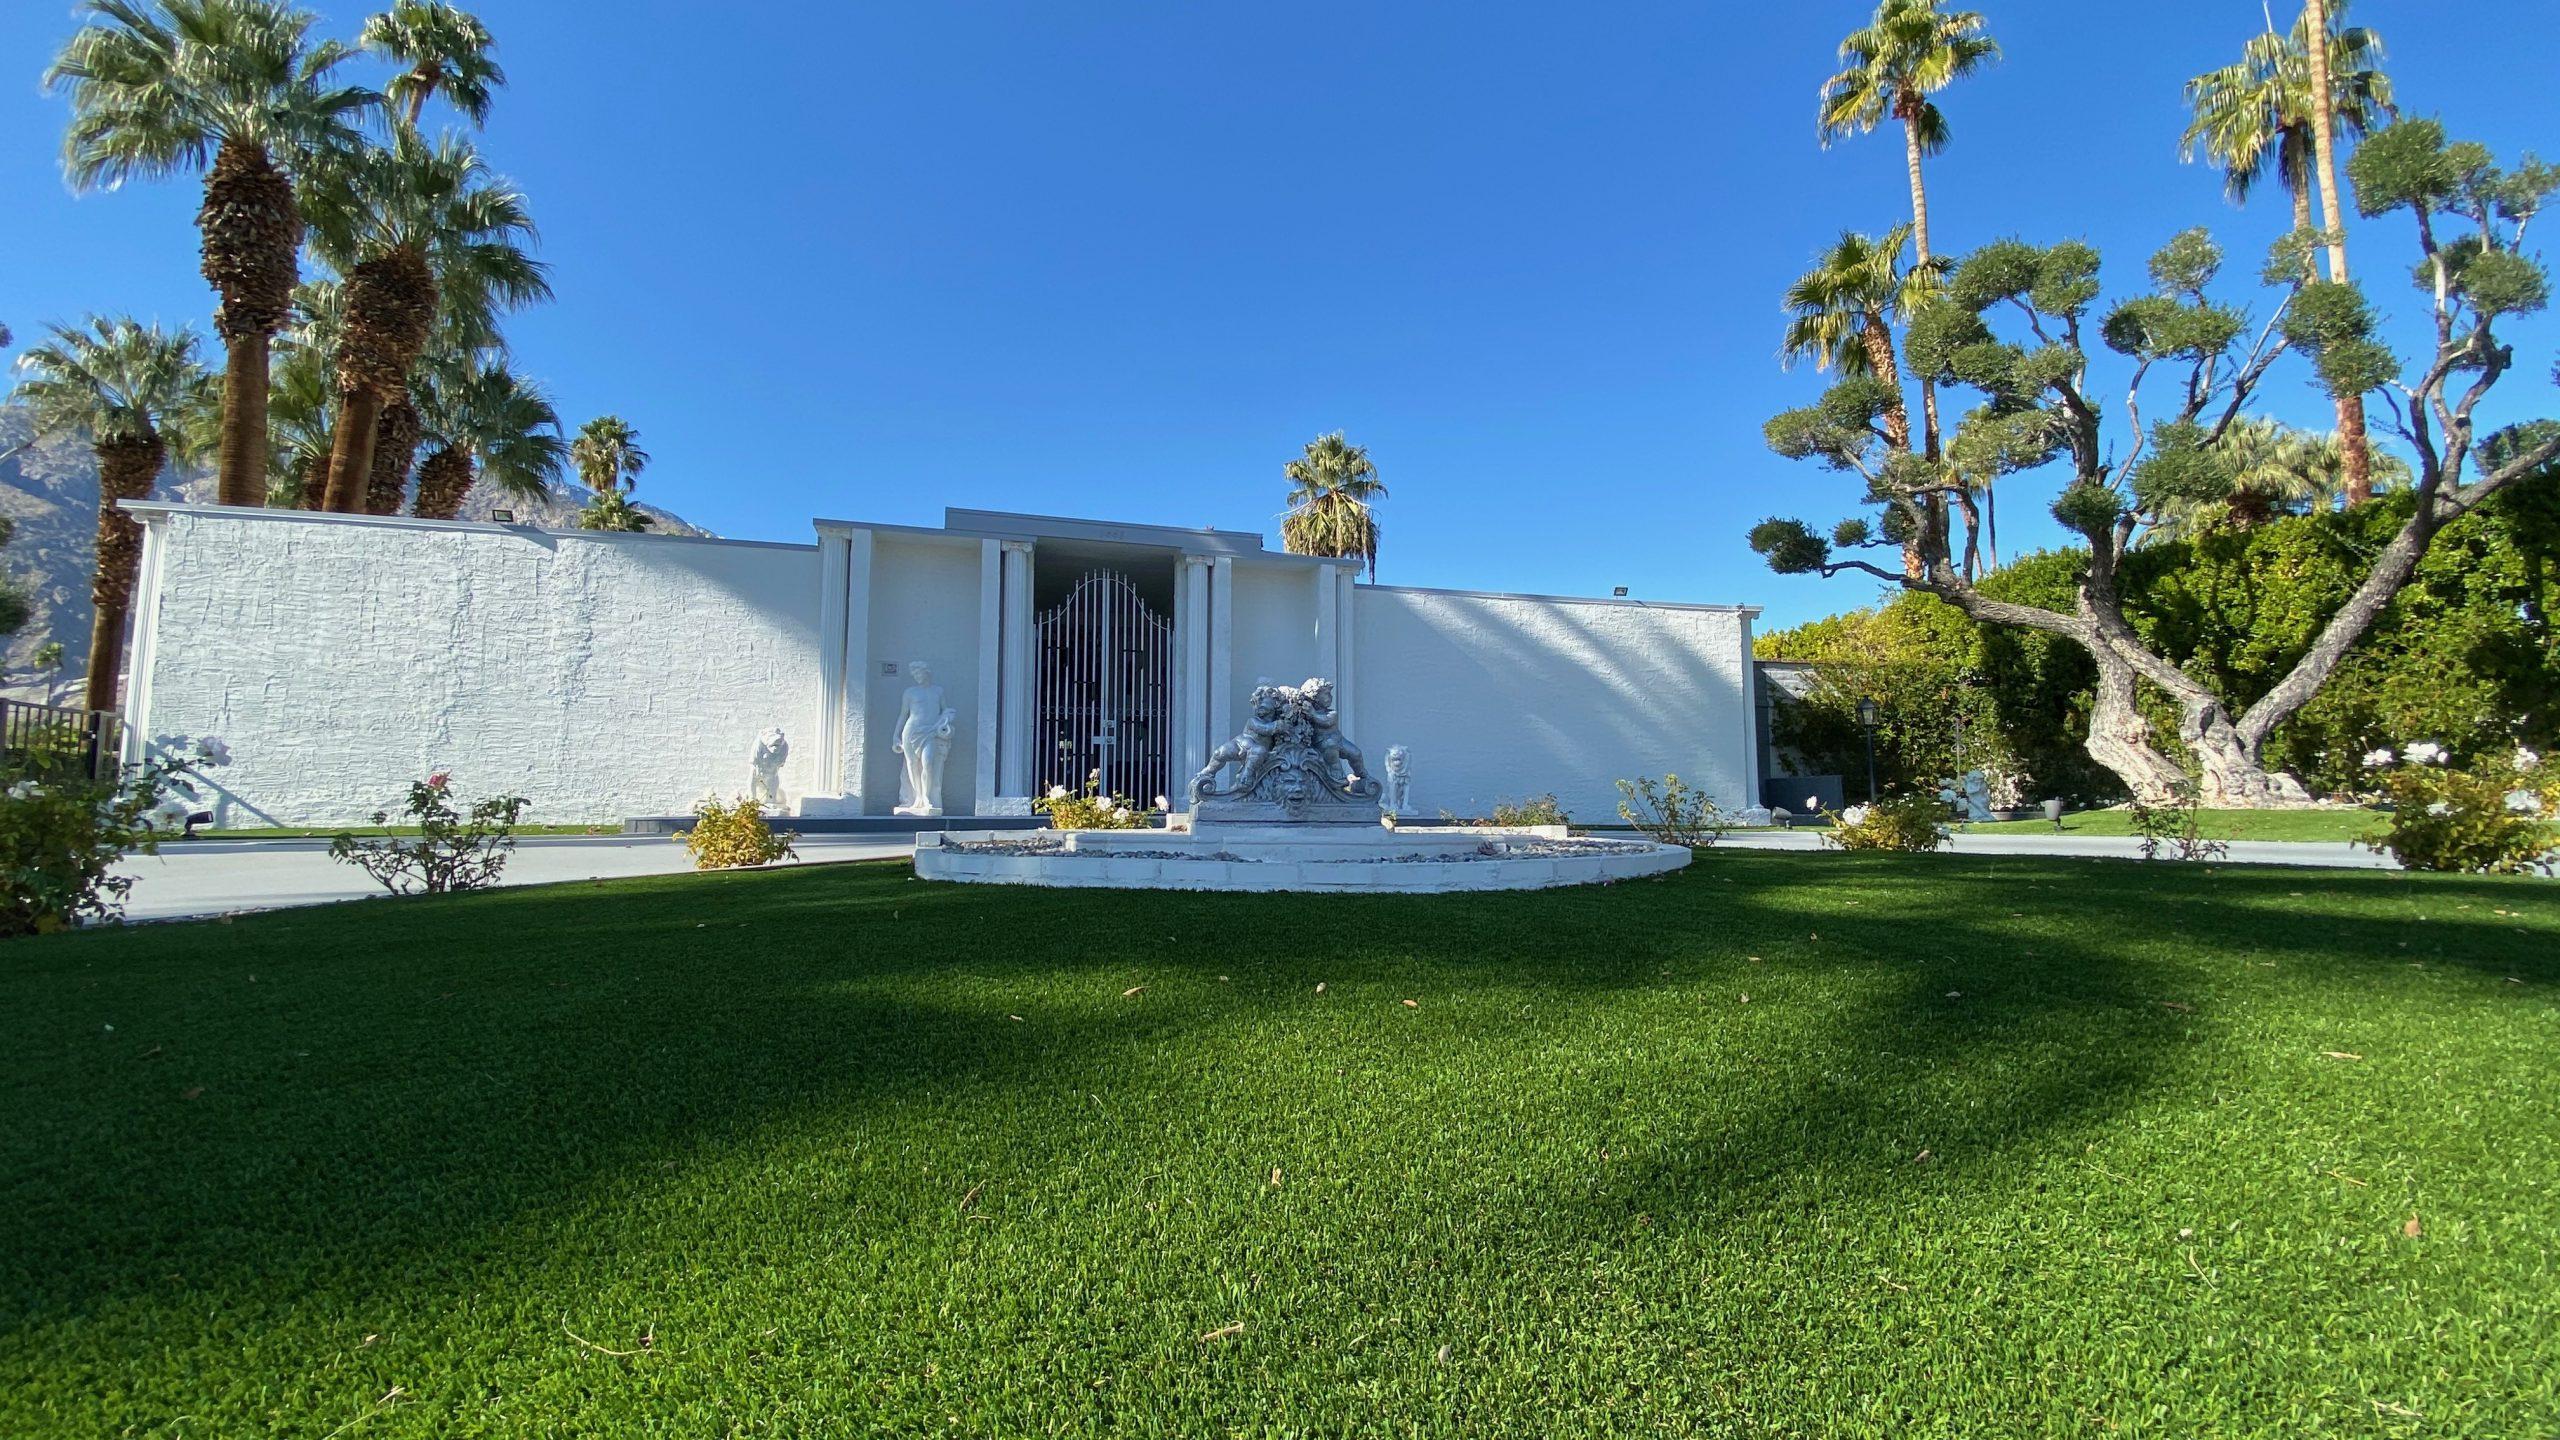 Liberace lawn